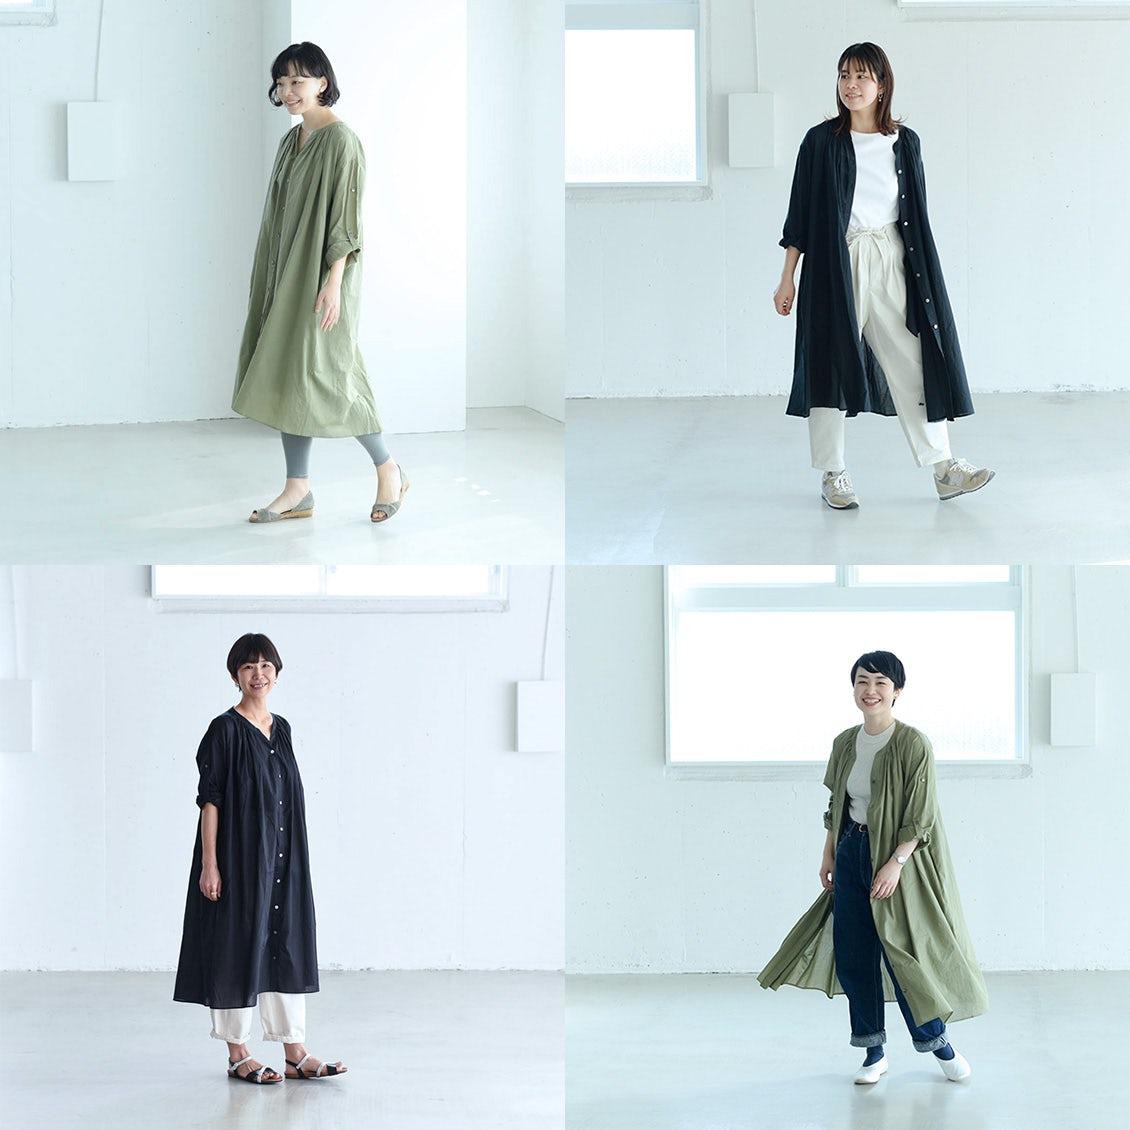 【着用レビュー】一枚でも羽織でも着られる3wayワンピースを、身長別に4名のスタッフが着てみました。